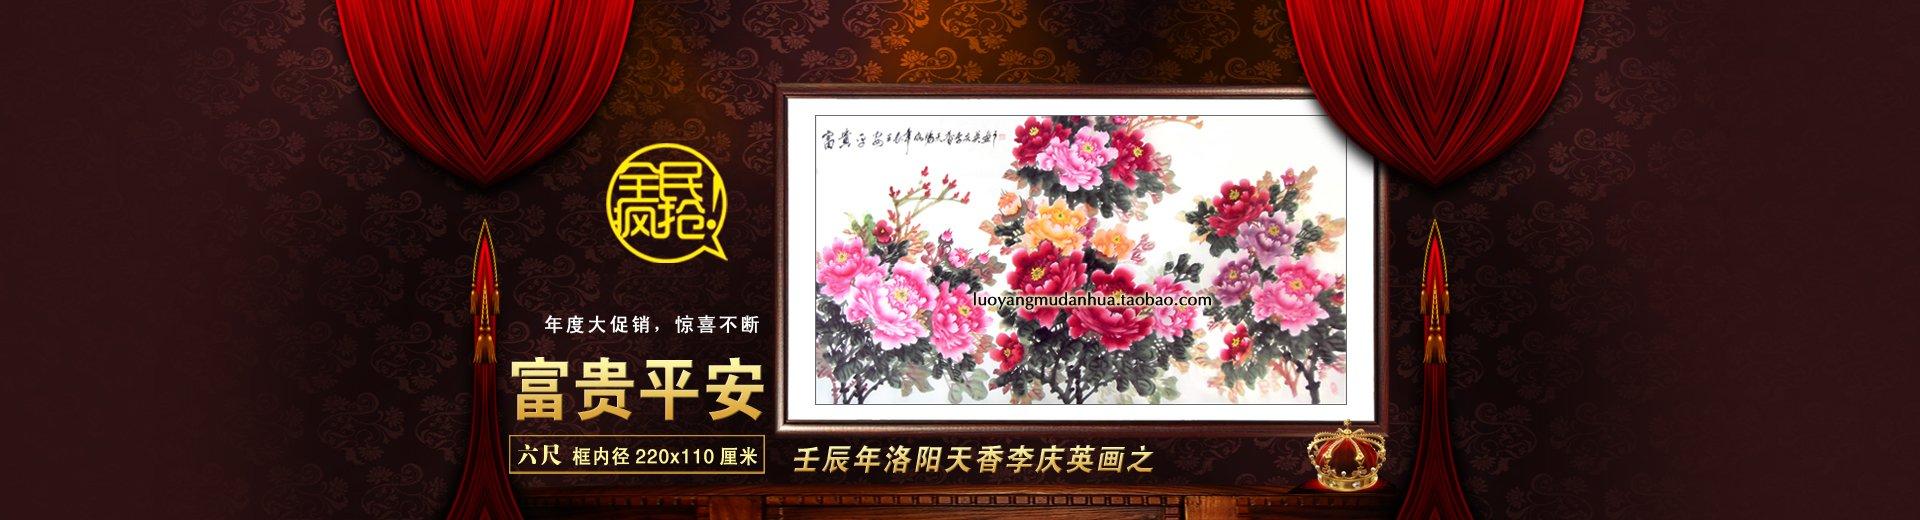 名人字画李庆英牡丹画